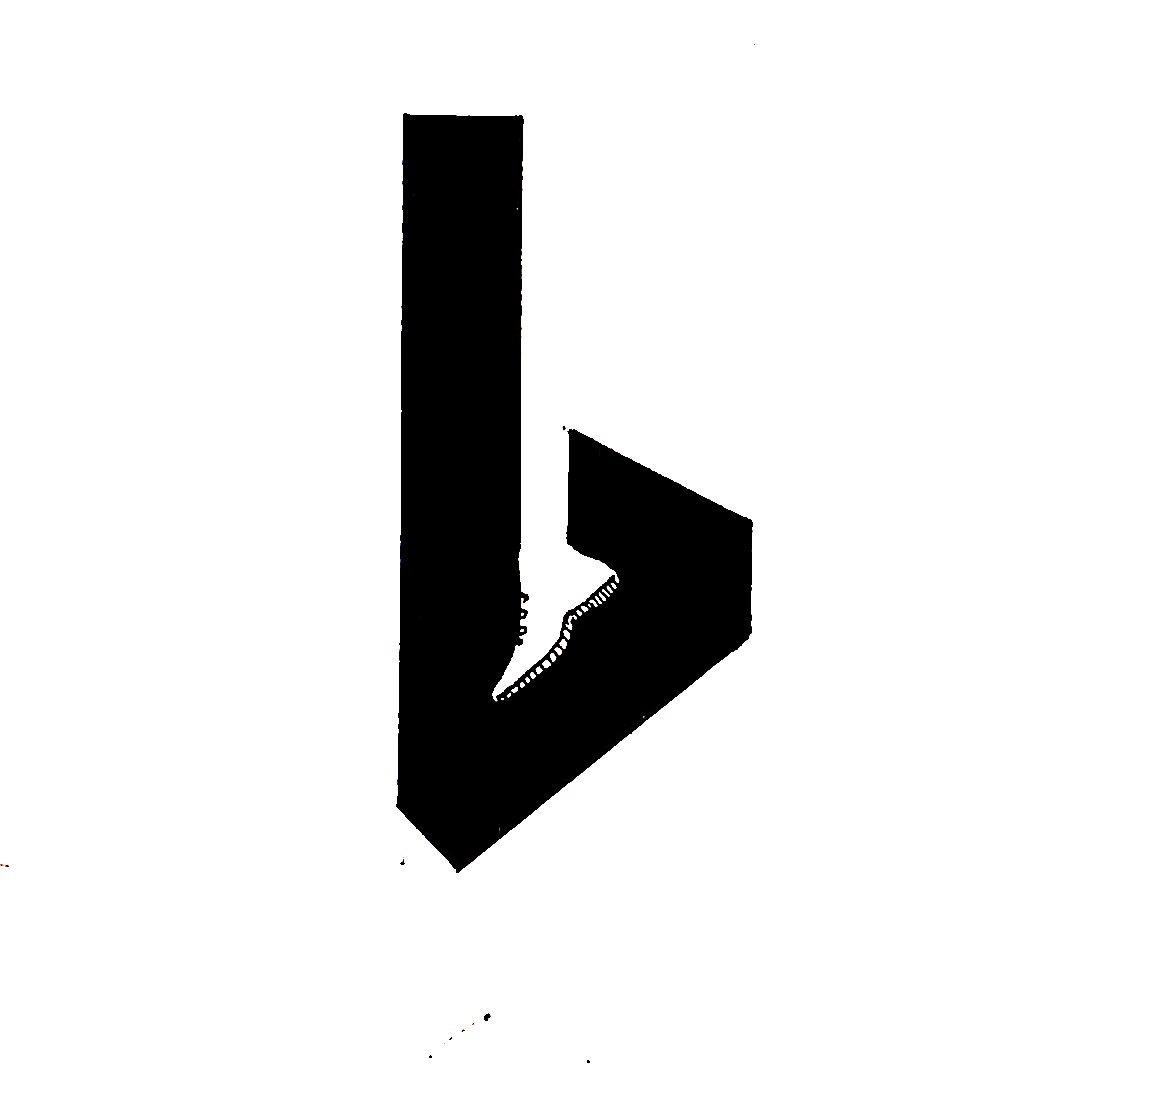 点线面影子正负形综合构成图片